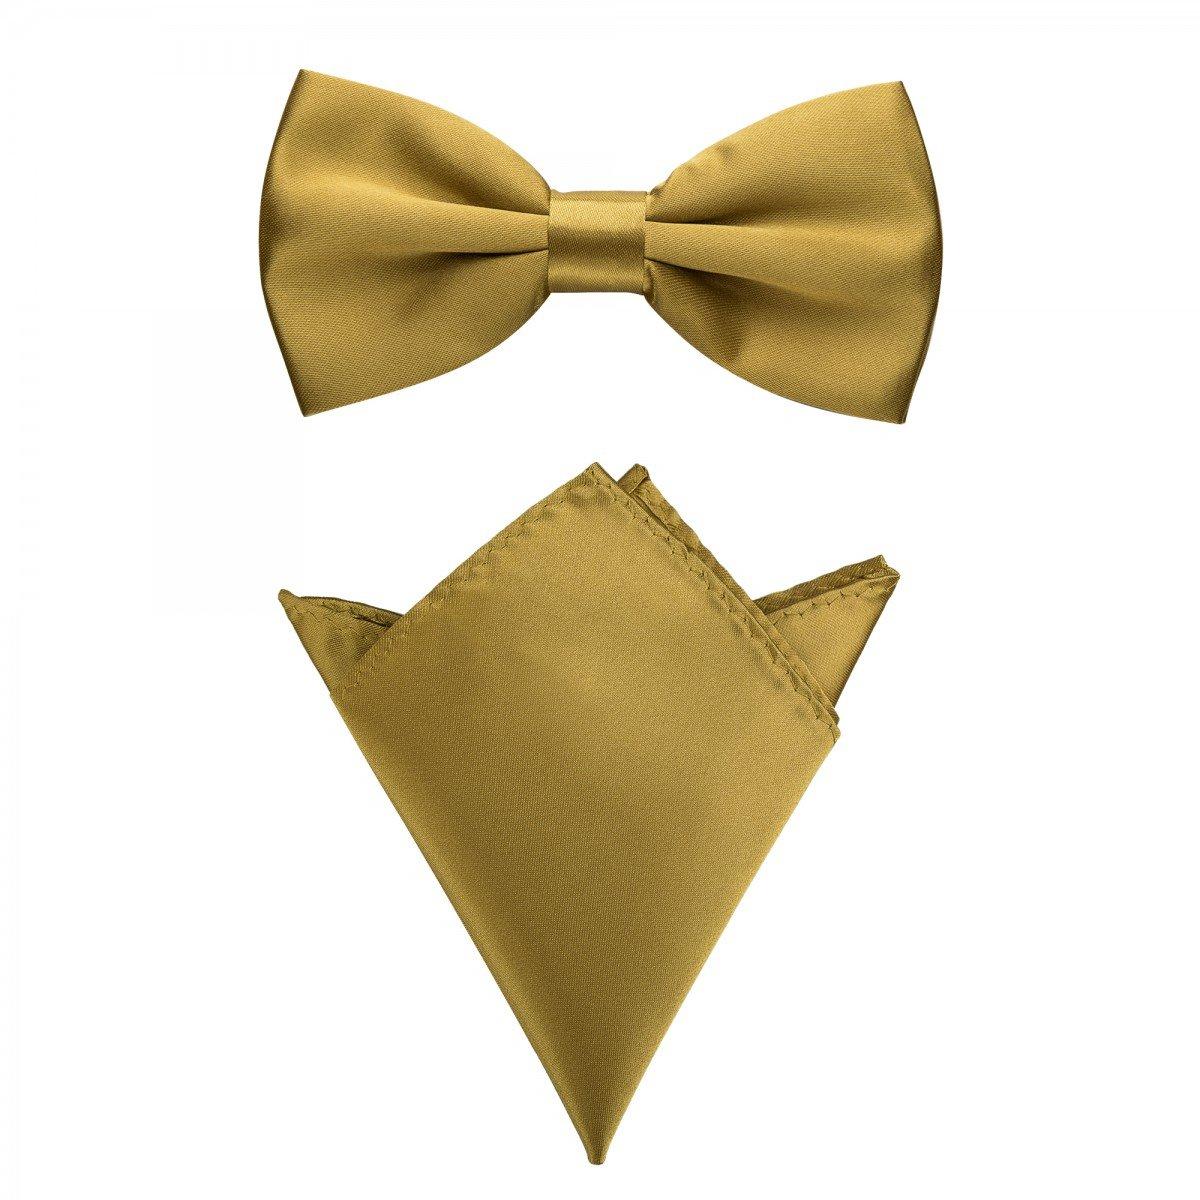 Rusty Bob jusqu/à 48 cm circonf/érence du cou un ensemble de 2 Voler avec un mouchoir en diff/érentes couleurs smoking - pour convenir